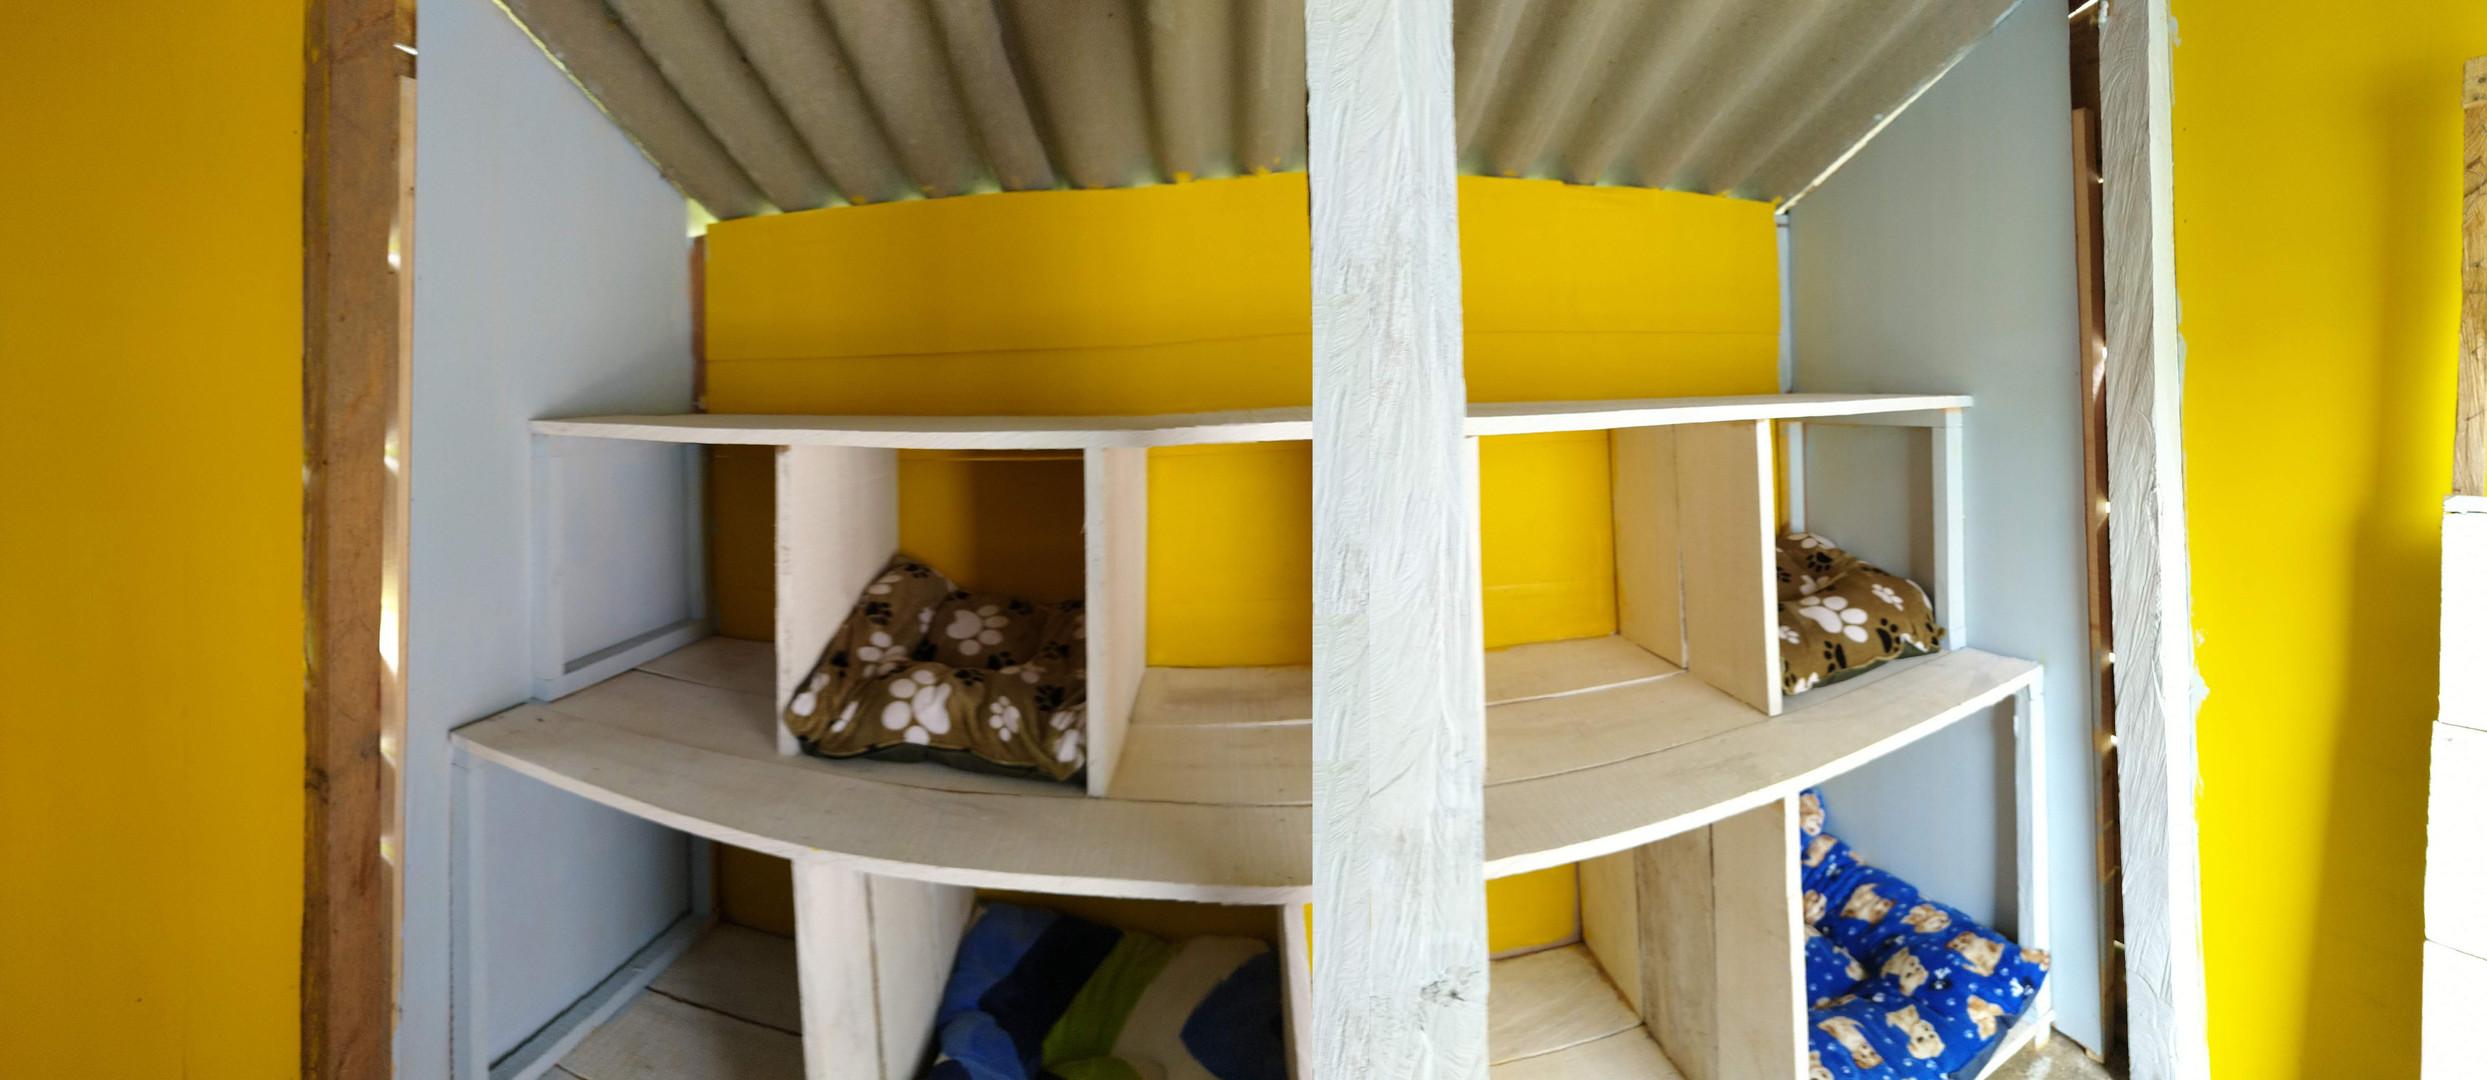 Cubiculos sin puerta habitación libre